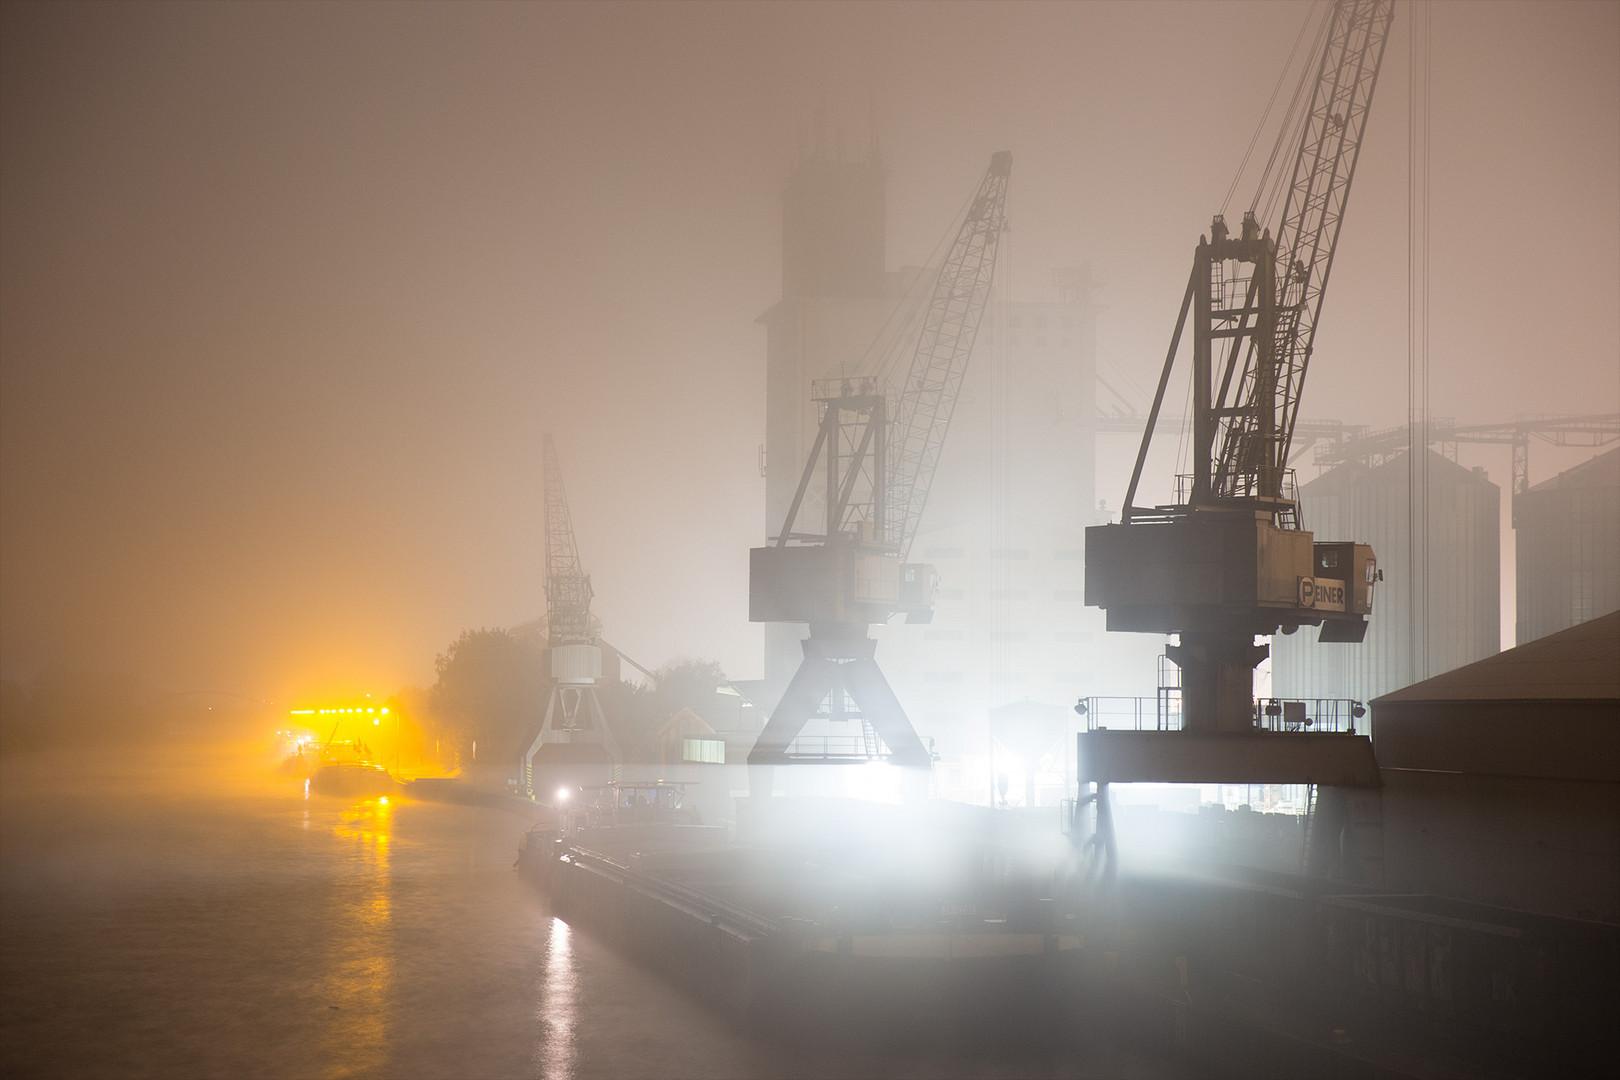 Nacht am Kanal